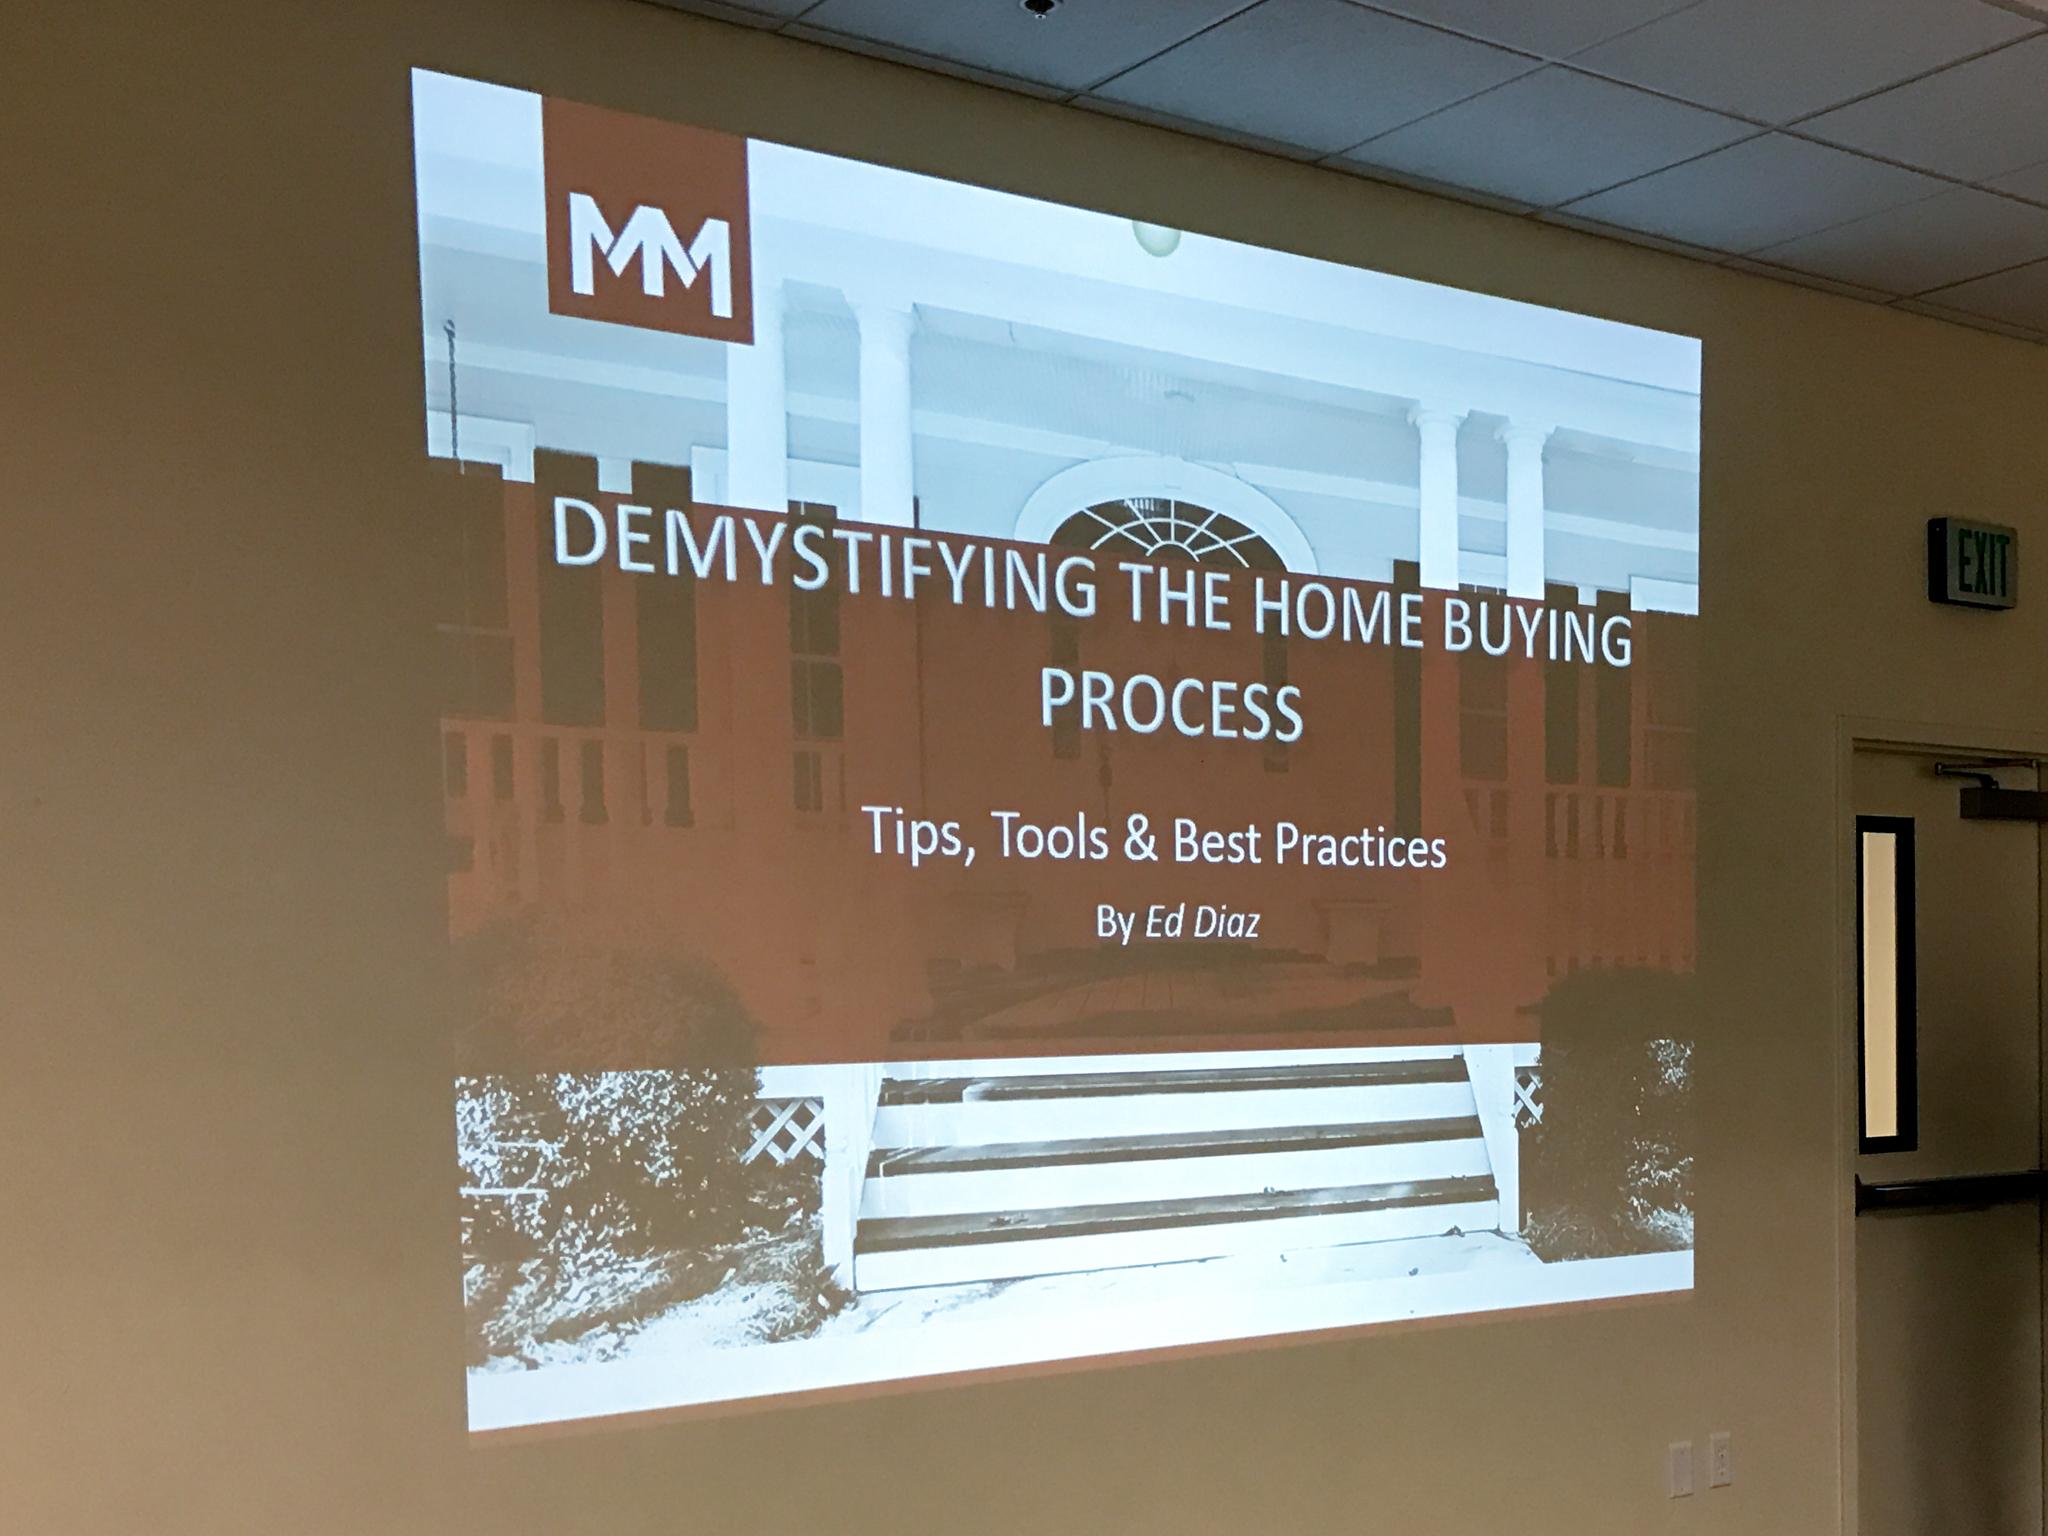 Beginning the talk at the Real Estate seminar